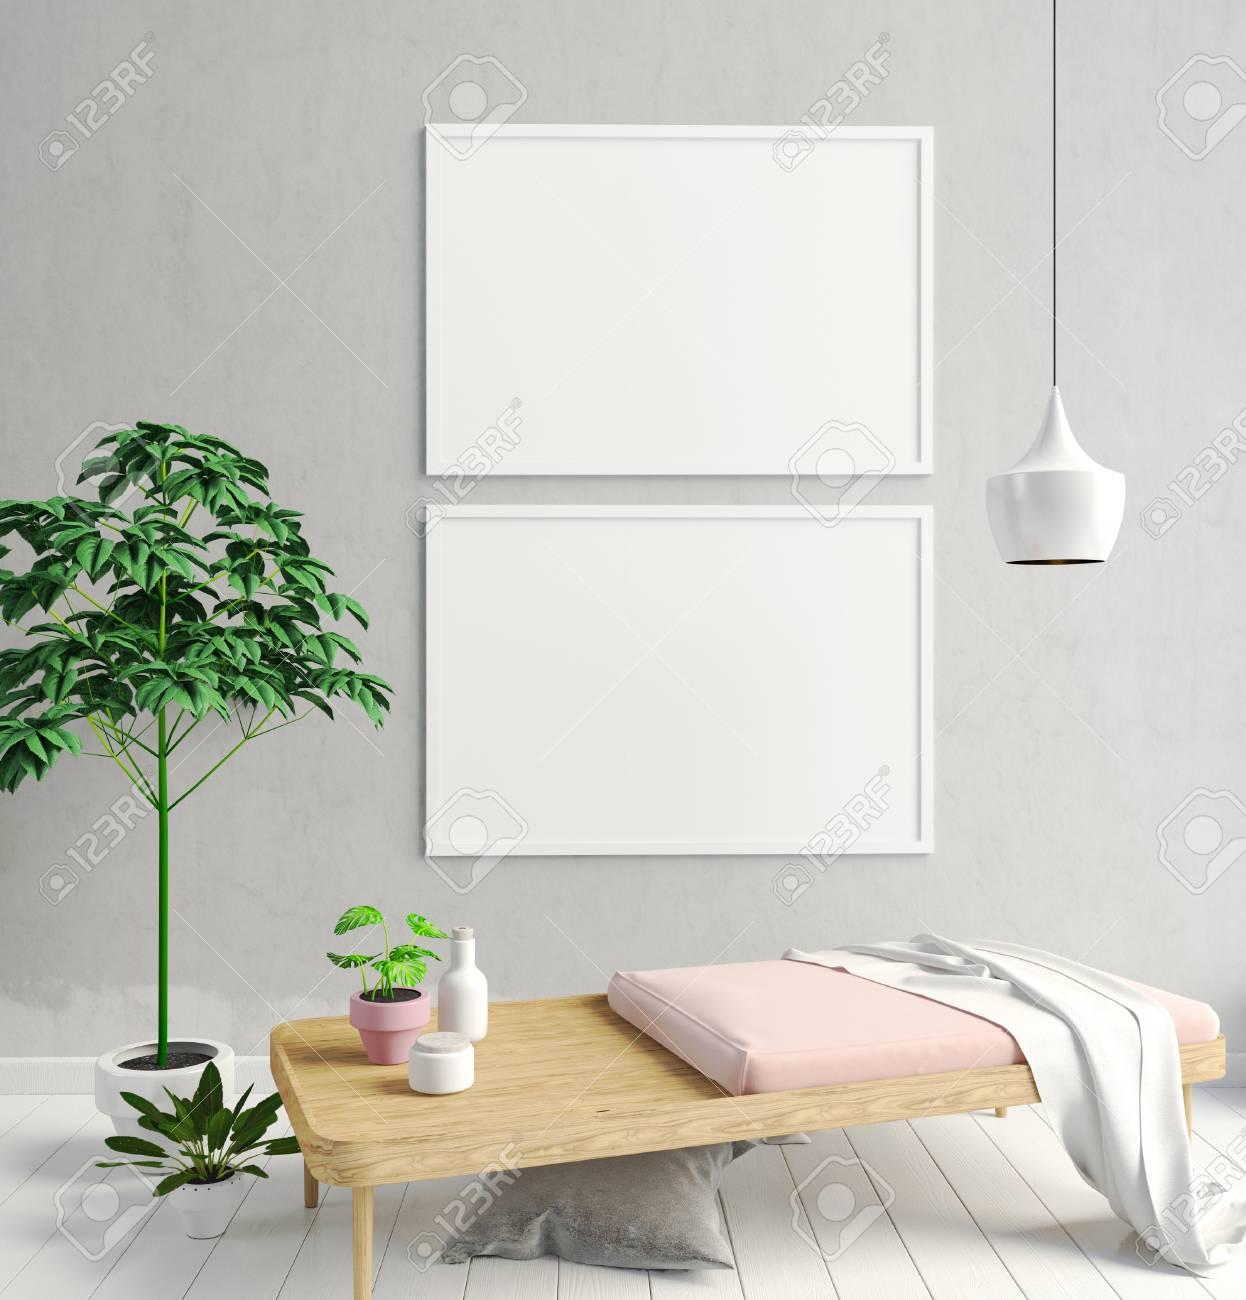 Modernes Interieur Im Skandinavischen Stil. 3D-Darstellung. Poster ...